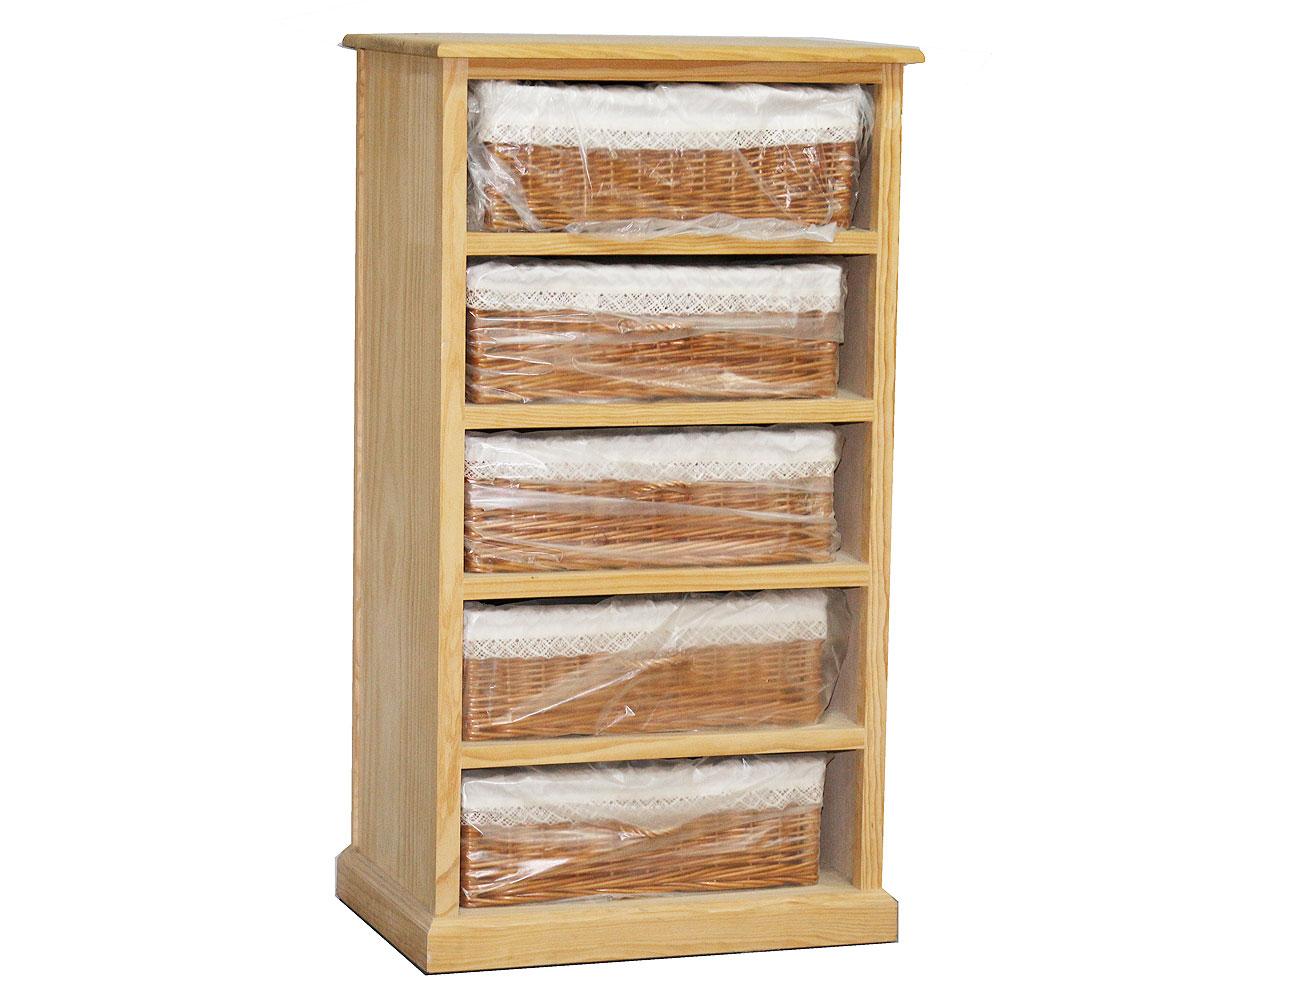 Mueble modular 5 huecos y 5 cestos mimbres en madera for Tu factory del mueble